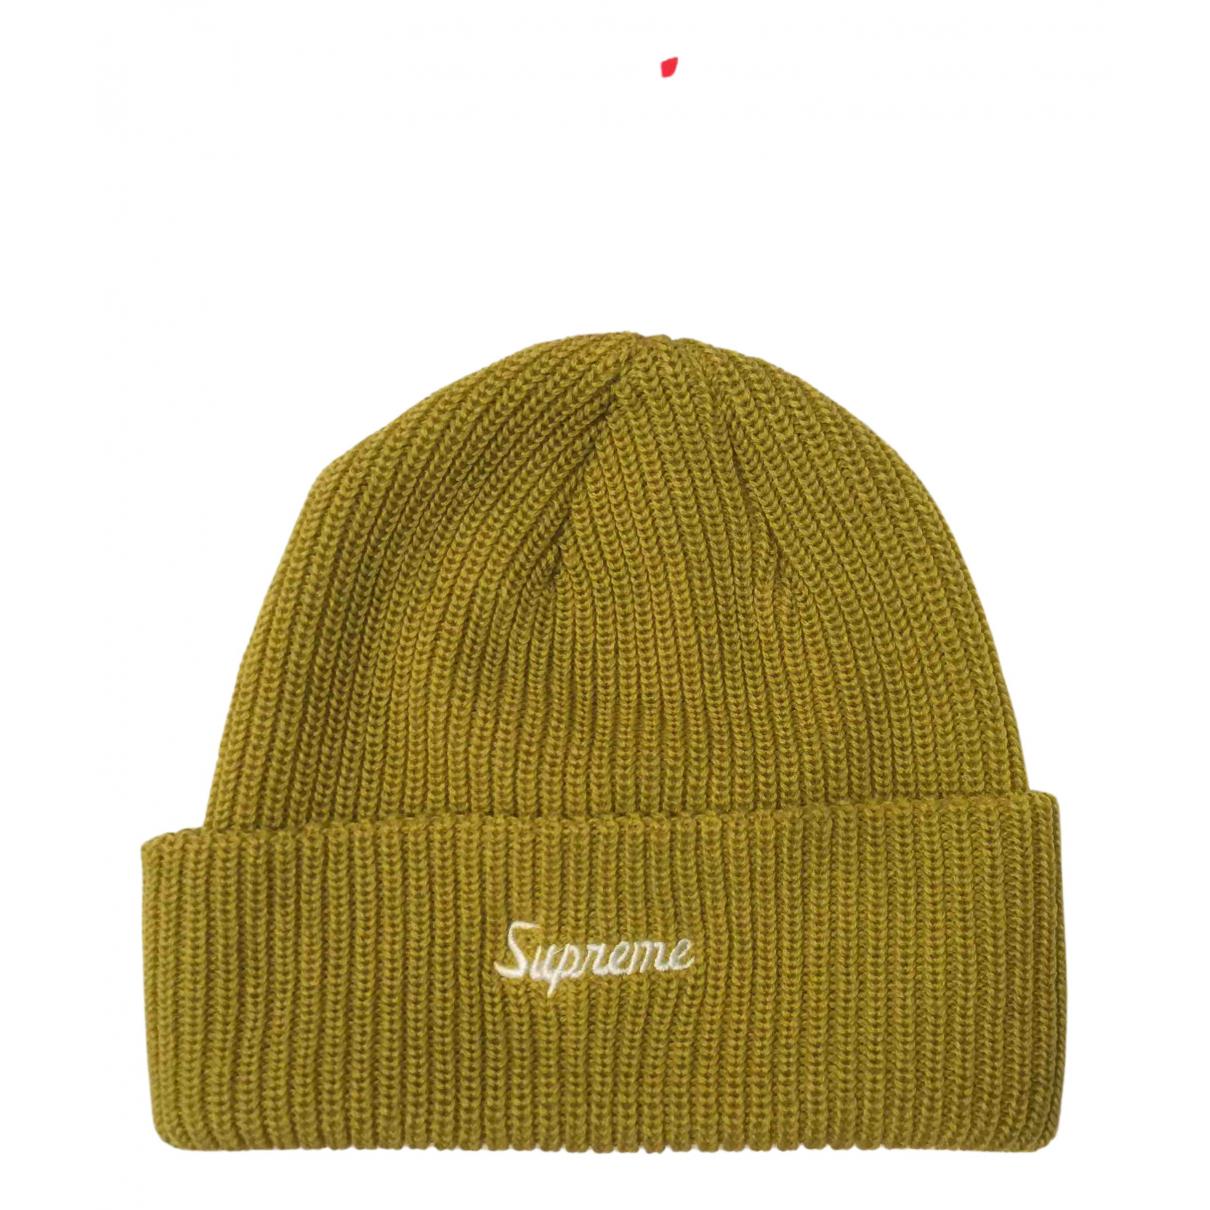 Supreme \N Hut, Muetzen in  Gelb Wolle